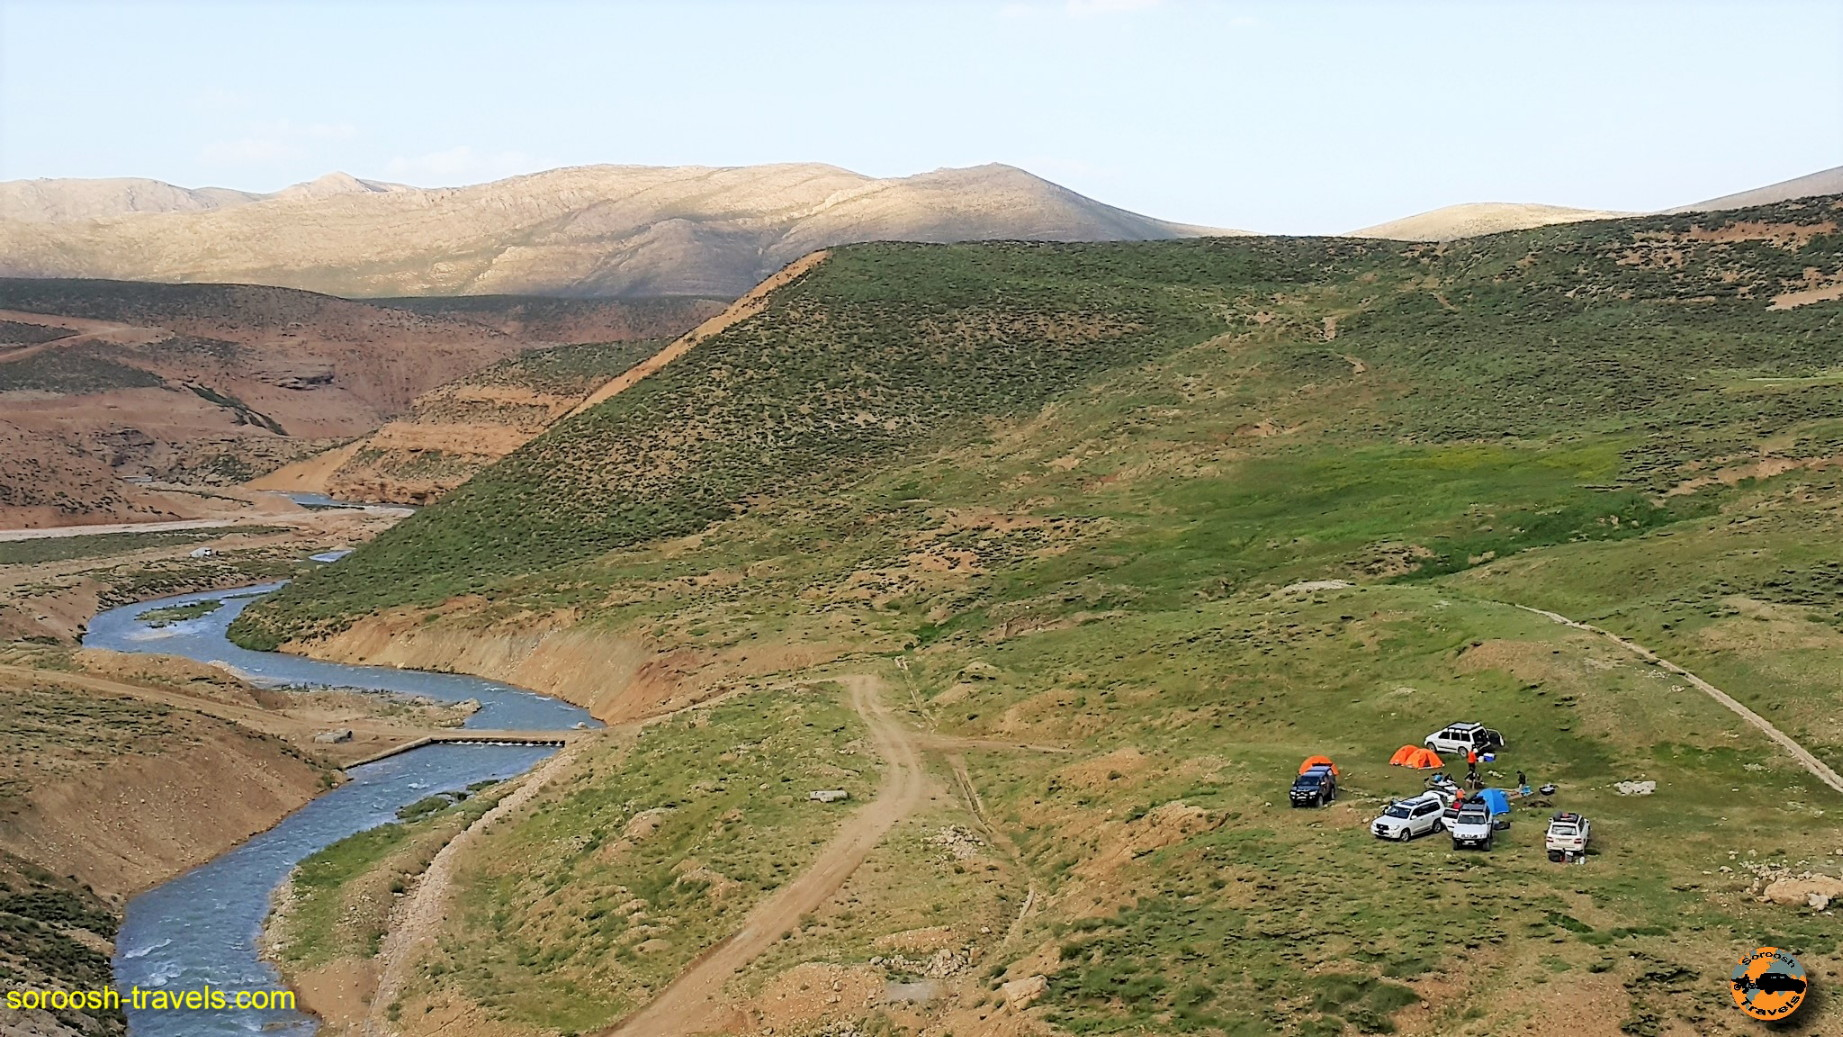 کوههای عظیم زاگرس ، شکوه و عظمت کوههای ایران – خرداد ۱۳۹۶